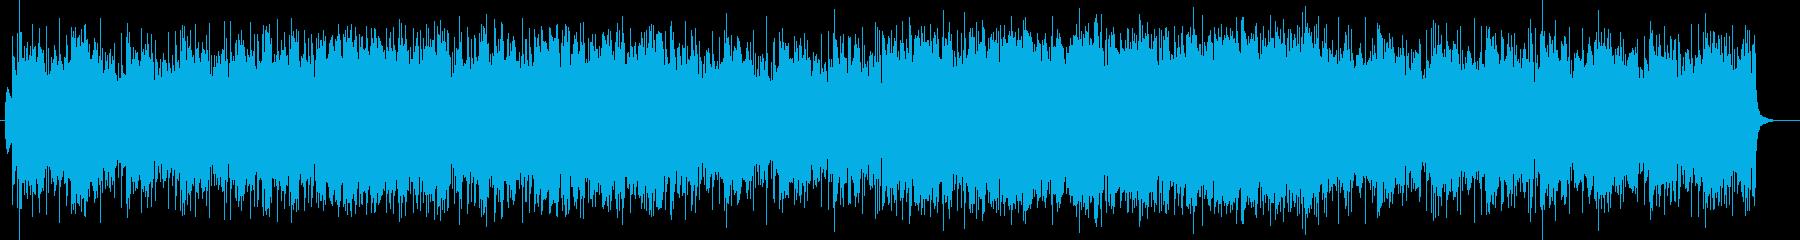 迫力と盛大なシンセサイザーサウンドの再生済みの波形